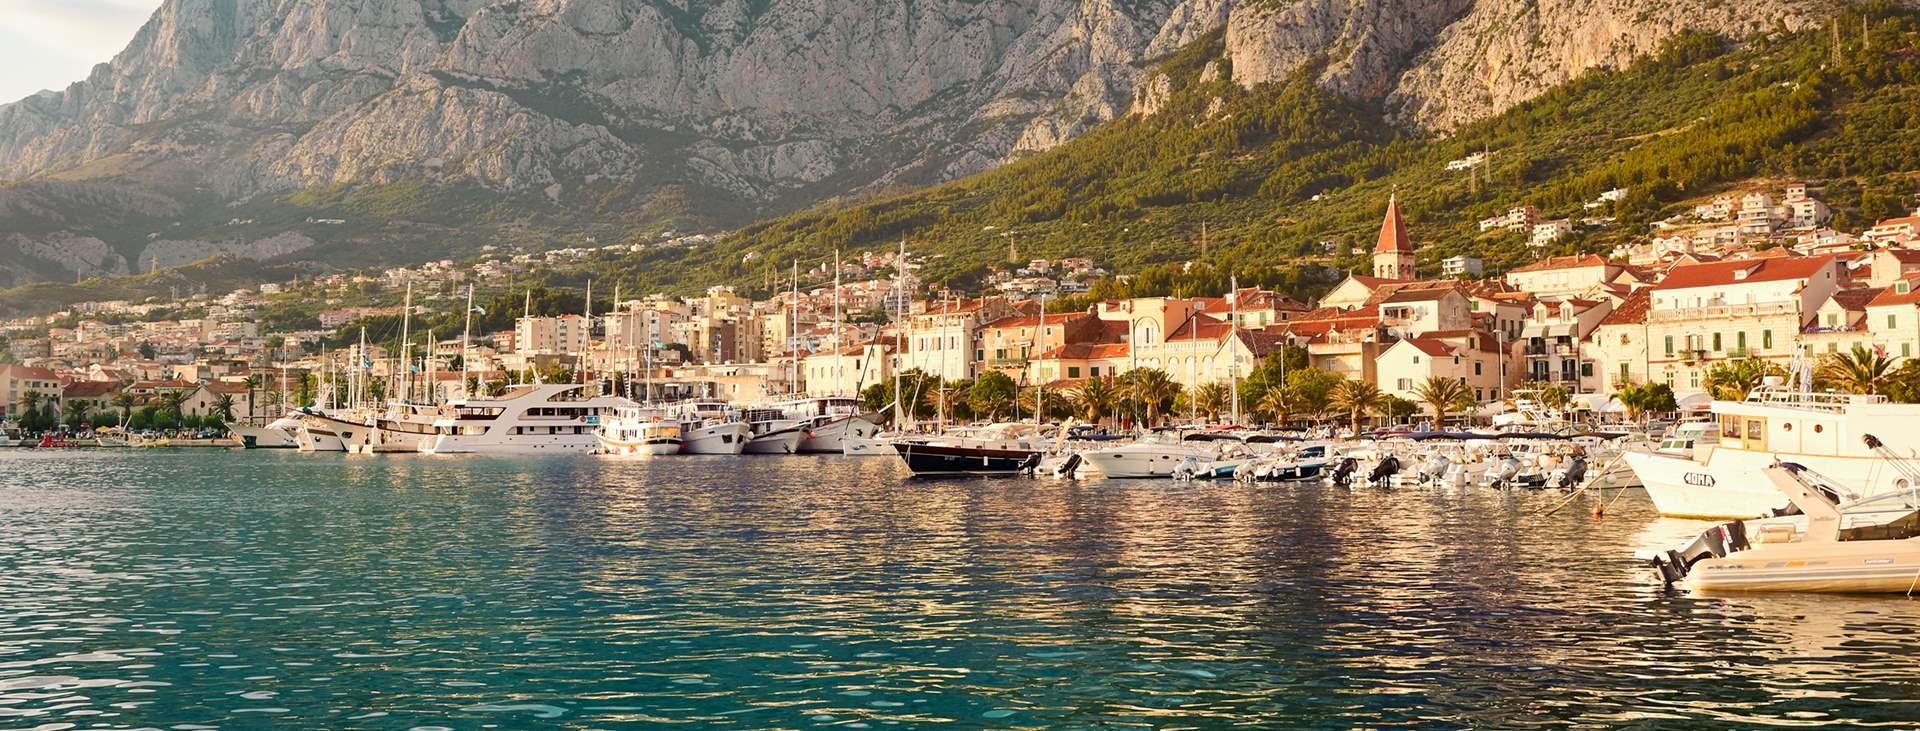 Boka en resa till Kroatien med flyg och hotell